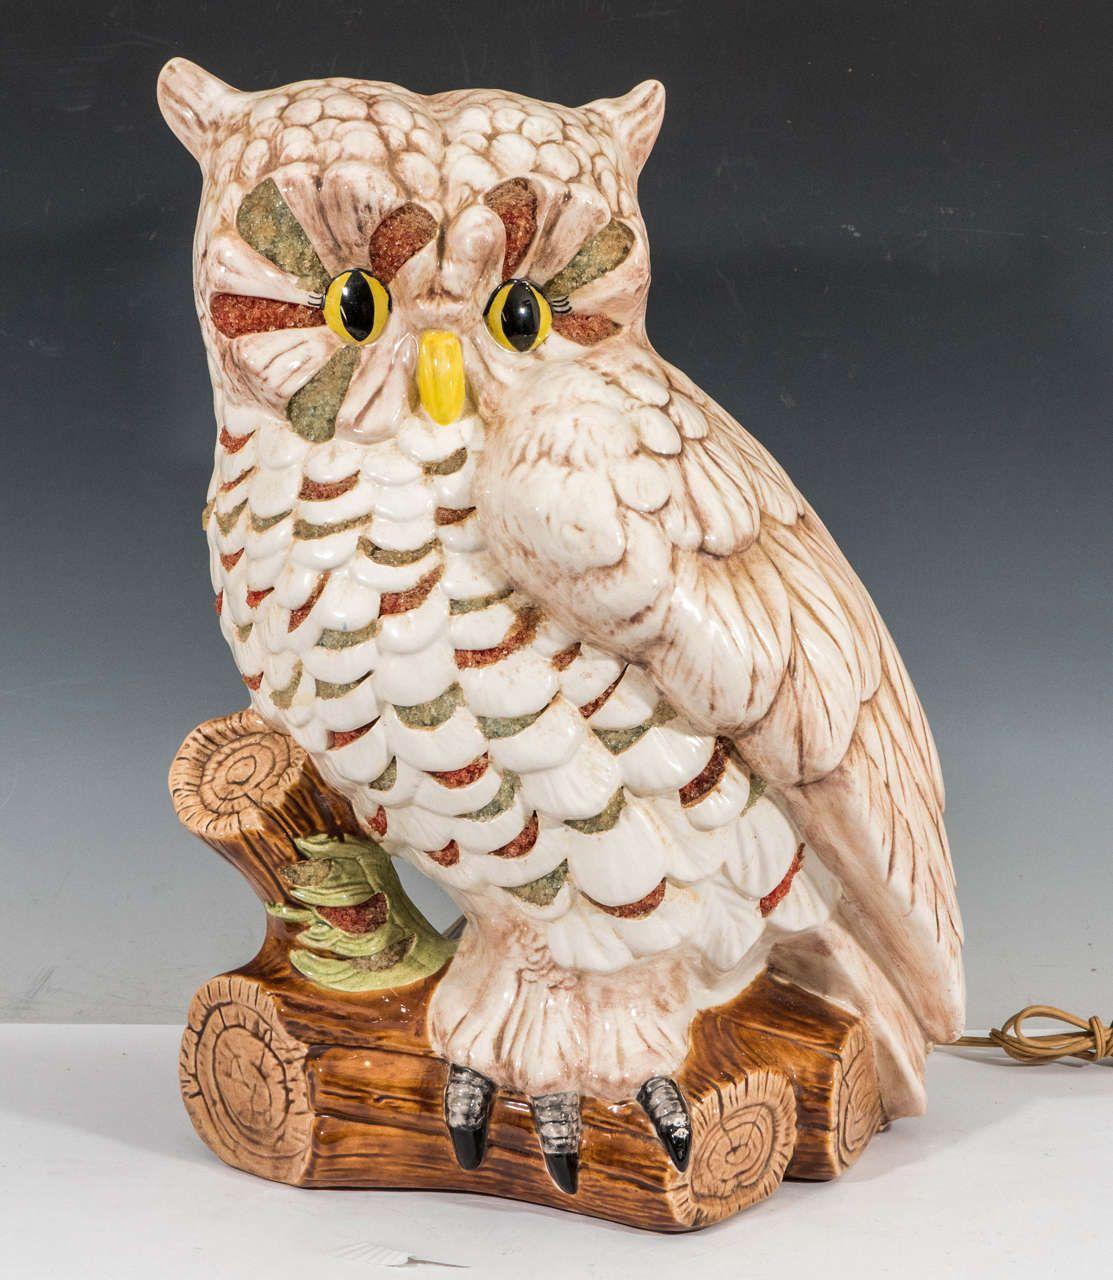 рисунок совы с книгой - Поиск в Google | Рисунки, Рисунок ...